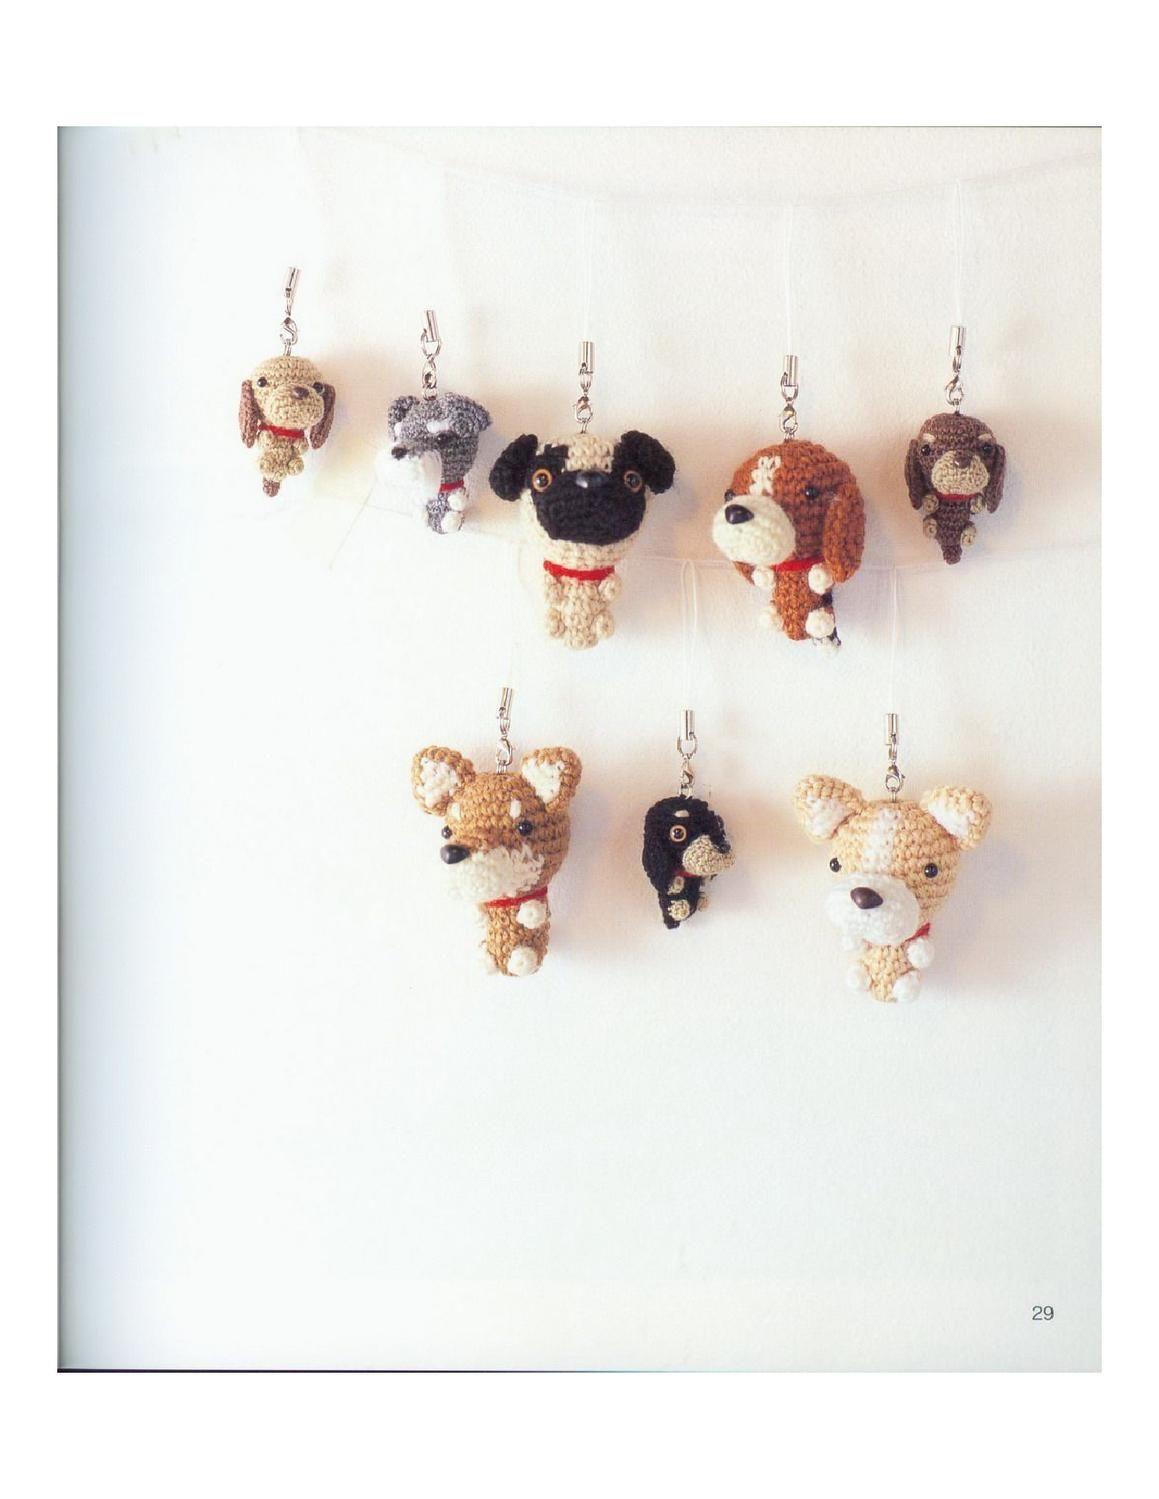 dog amigurui  Lindos perritos en amigurumi cada uno con sus patrones, estan increibles.